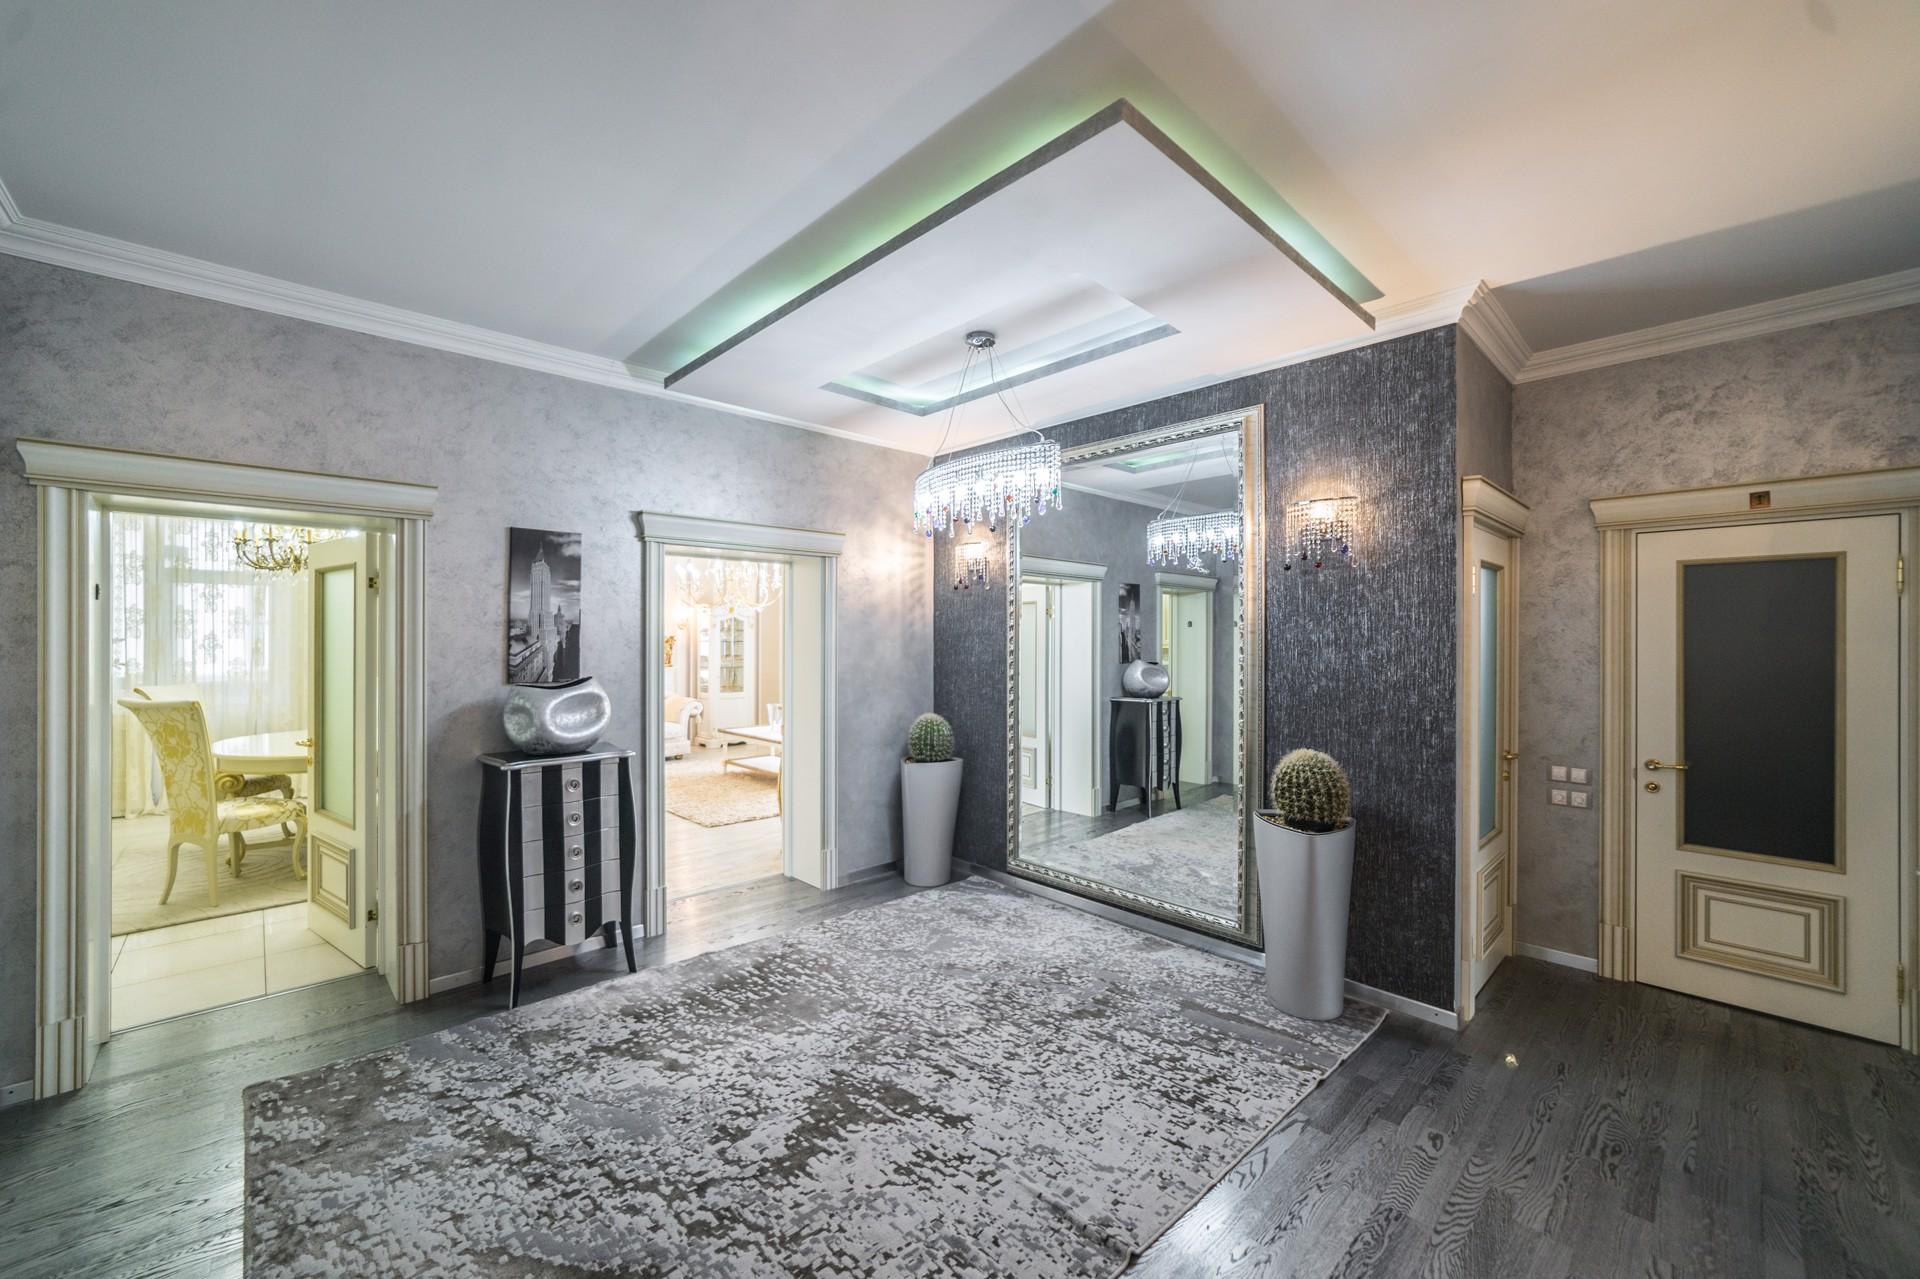 Продажа 3-к квартиры, Липецк, улица Желябова, 14А, 134.9 м², 13000000 ₽